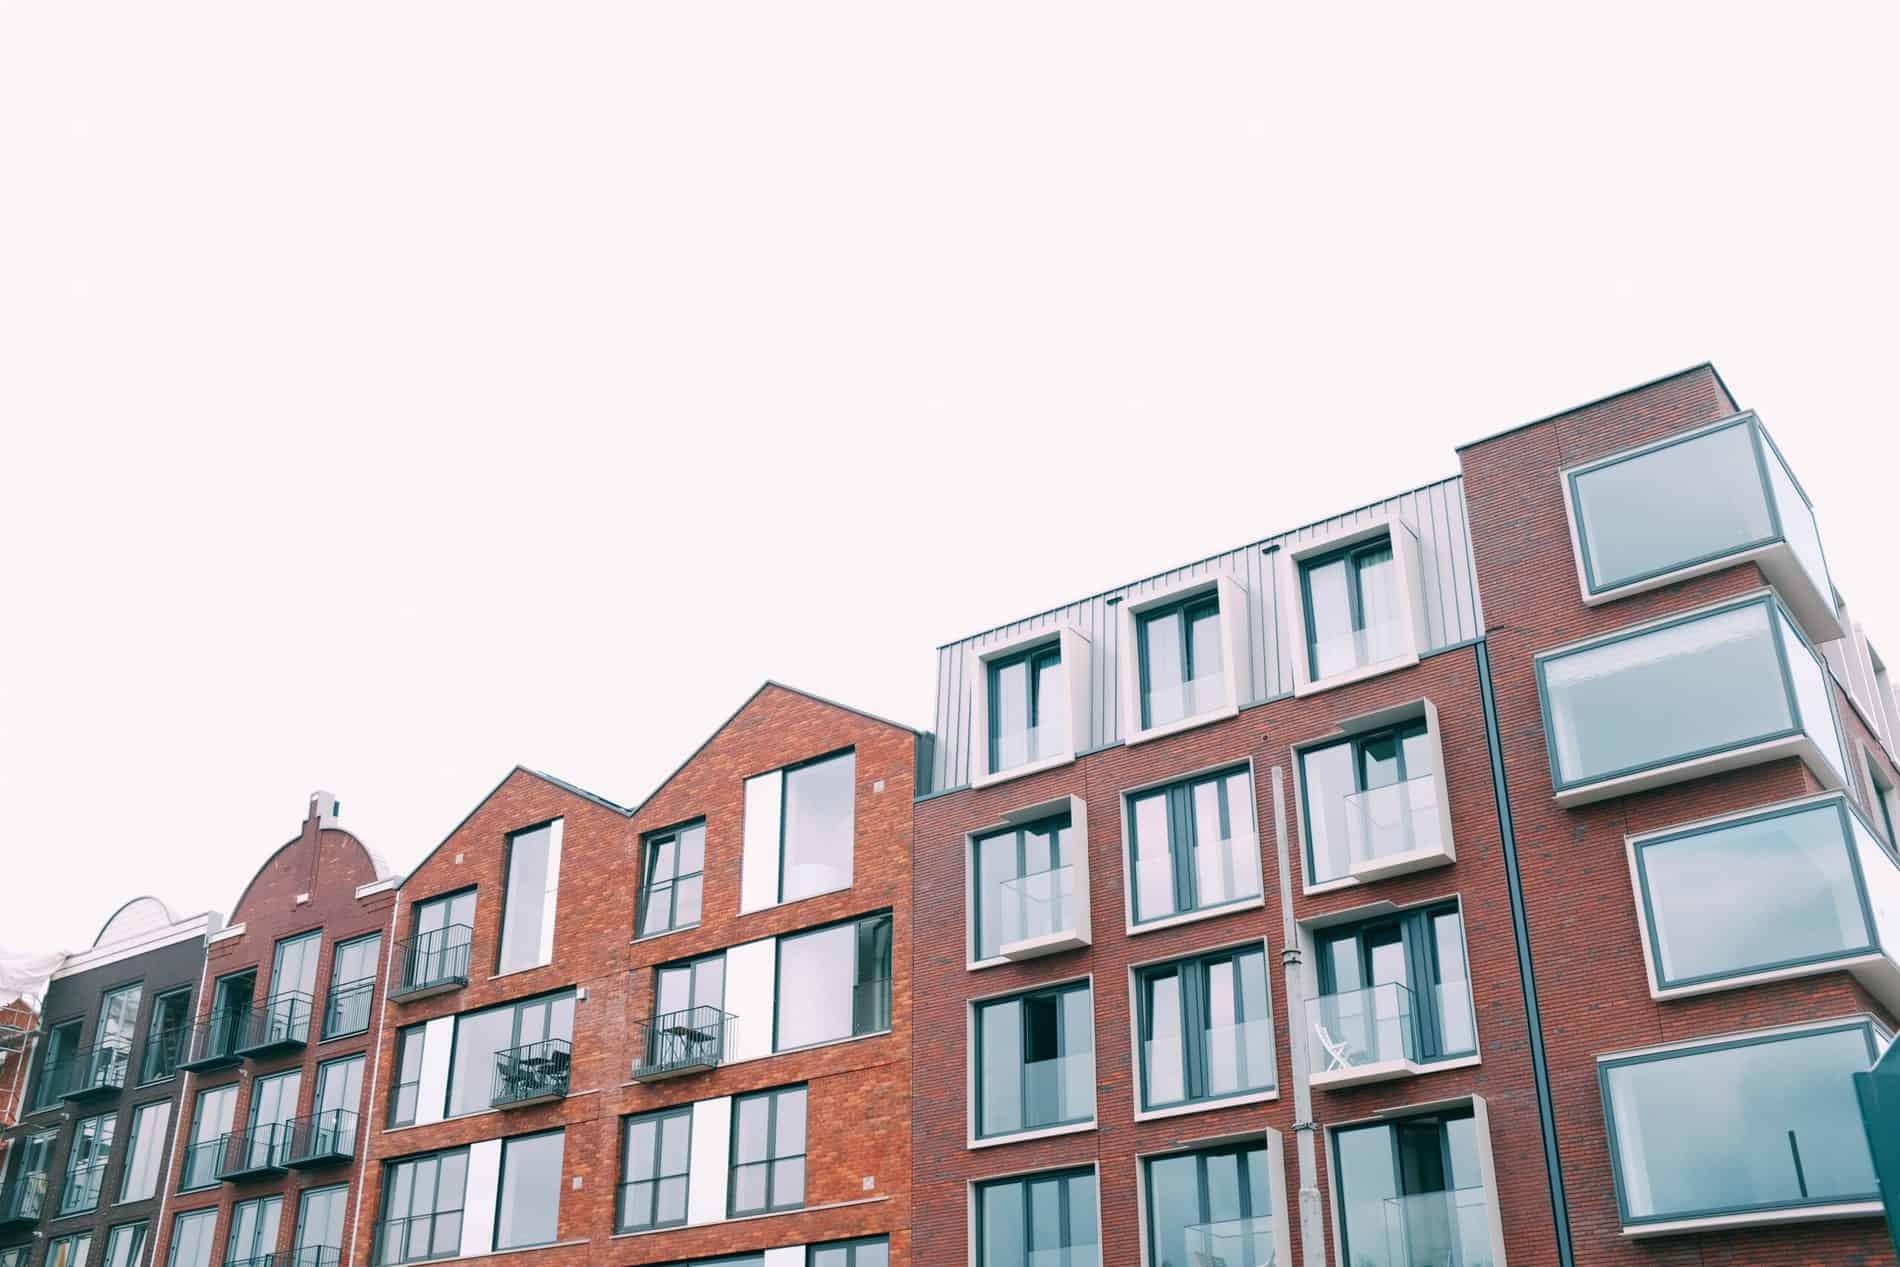 Găsirea unei locuințe în Olanda